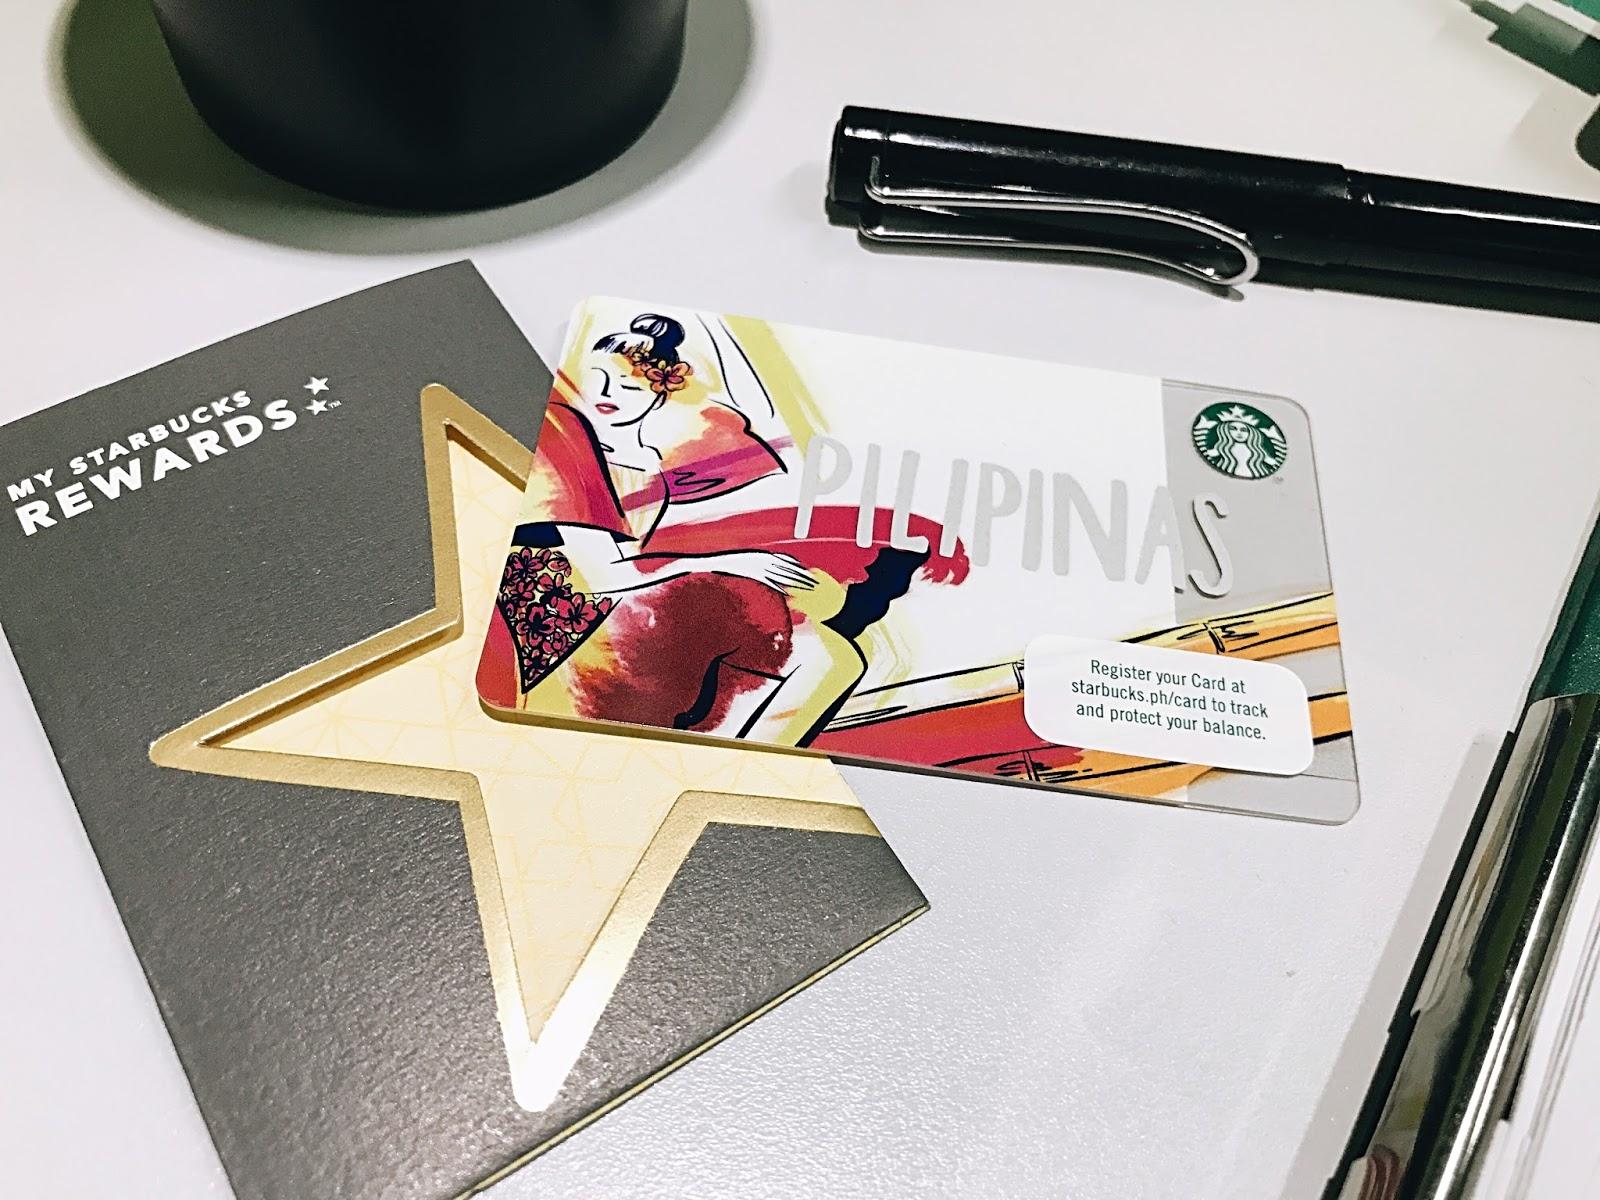 2017 Starbucks Pilipinas Card